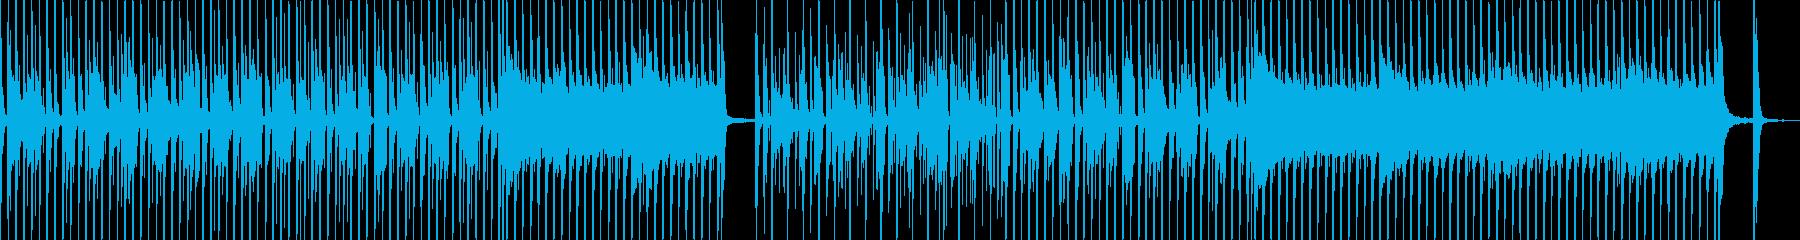 シンプルでリズミカルなベース&ドラムの再生済みの波形